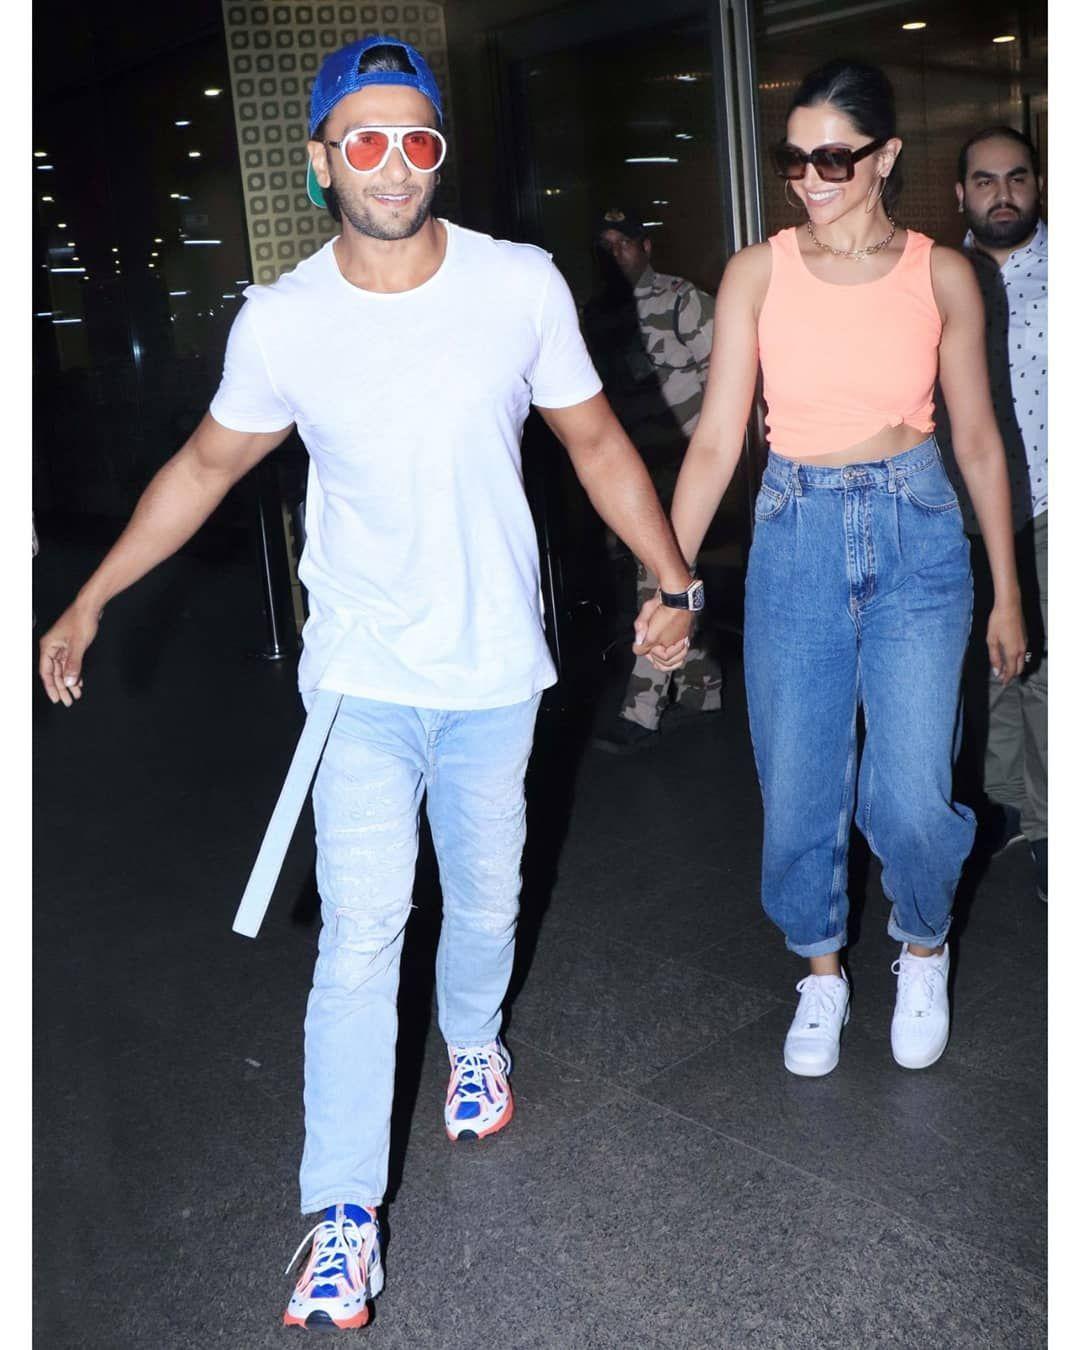 Hand In Hand And Much In Love Deepveer Return To Mumbai From Their Dreamy Vacation Hungryboo Deepika Ranveer Ranveer Singh Deepika Padukone